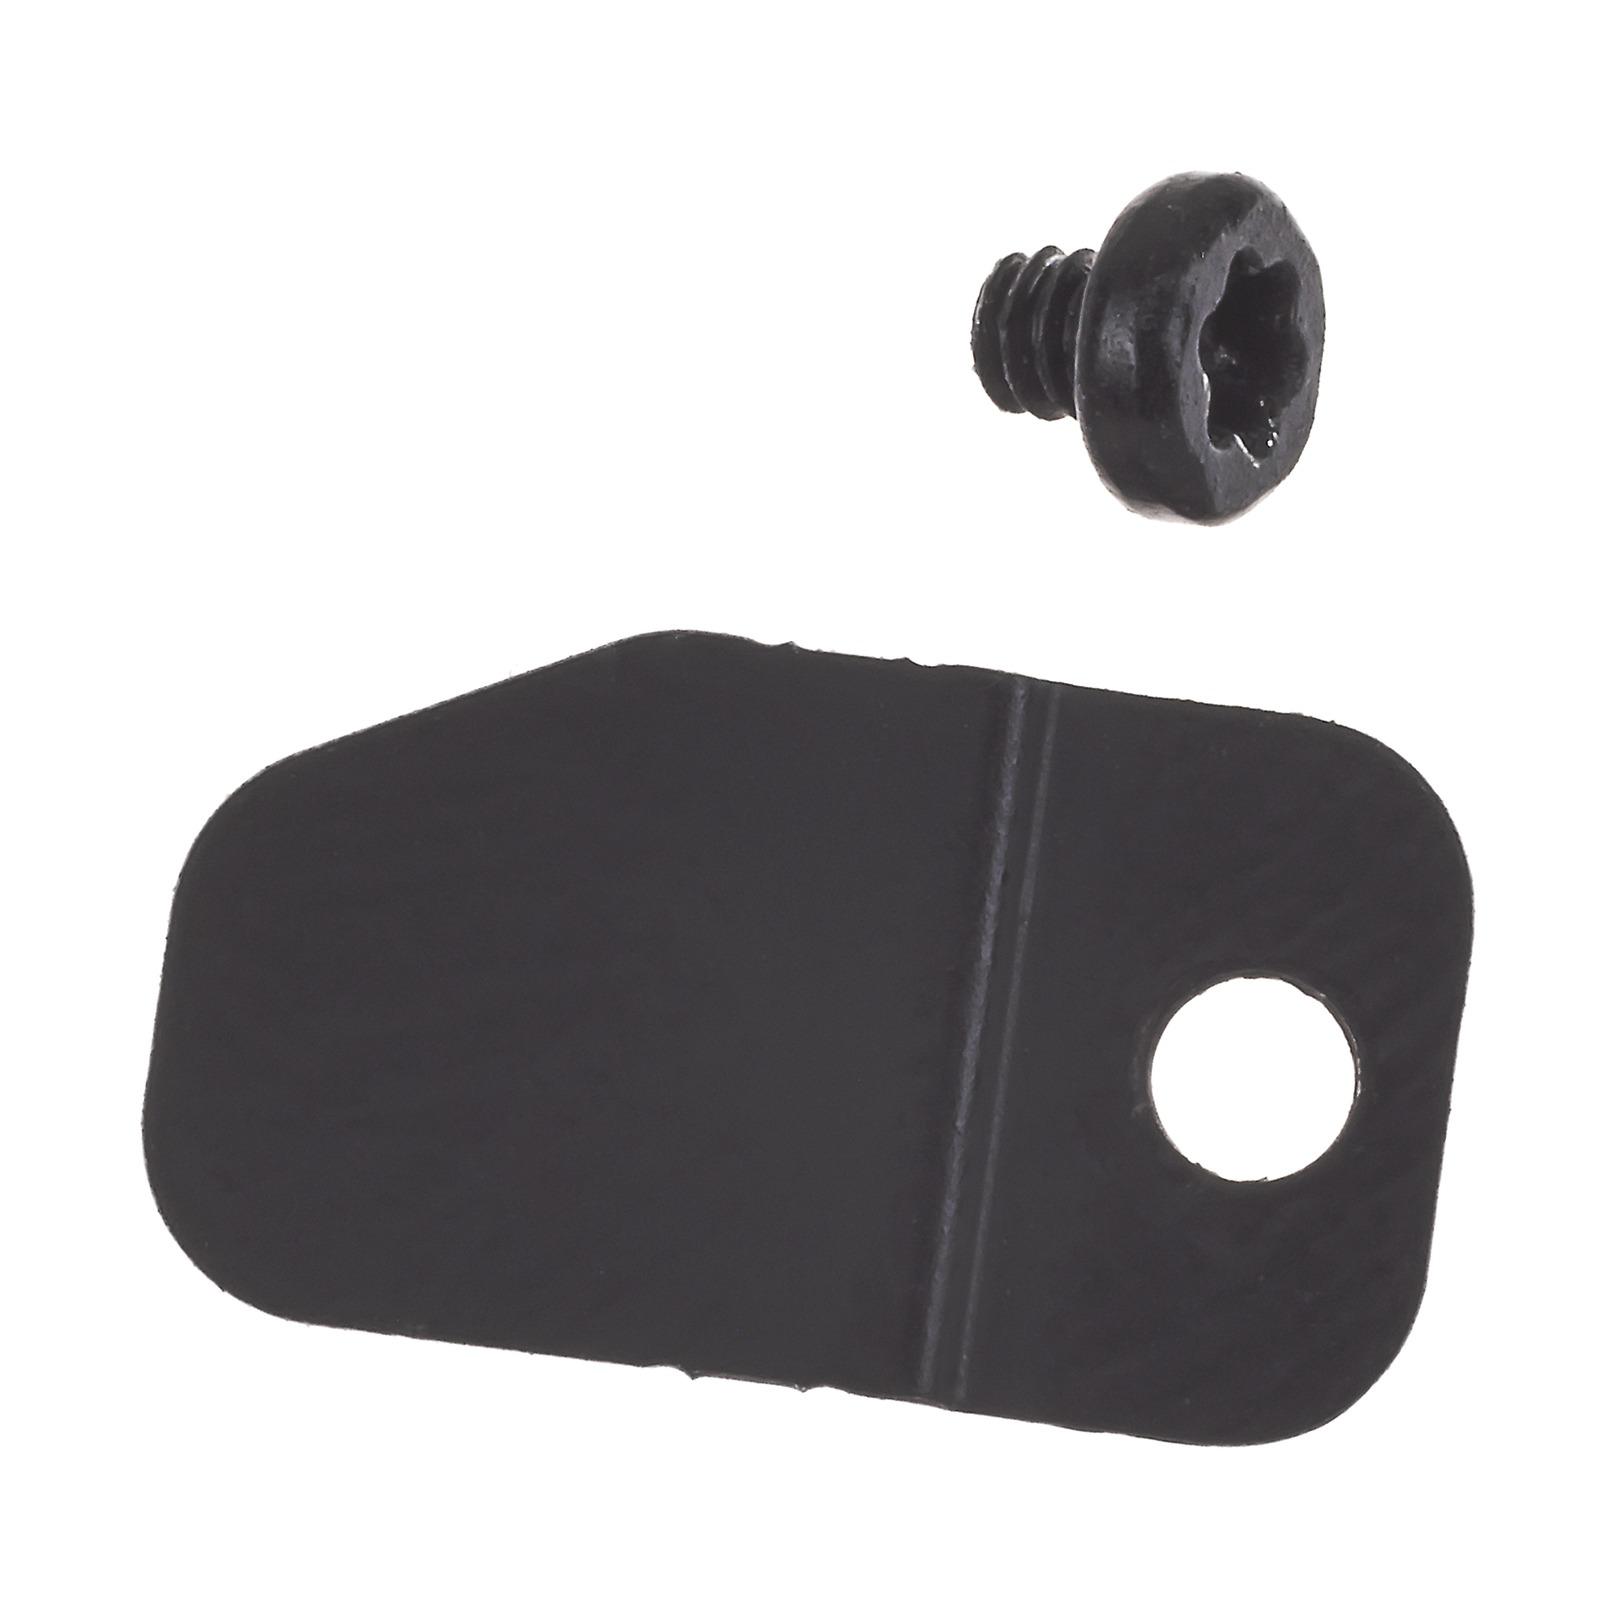 Hard Drive SATA Clamp & Screw (T6 Torx)